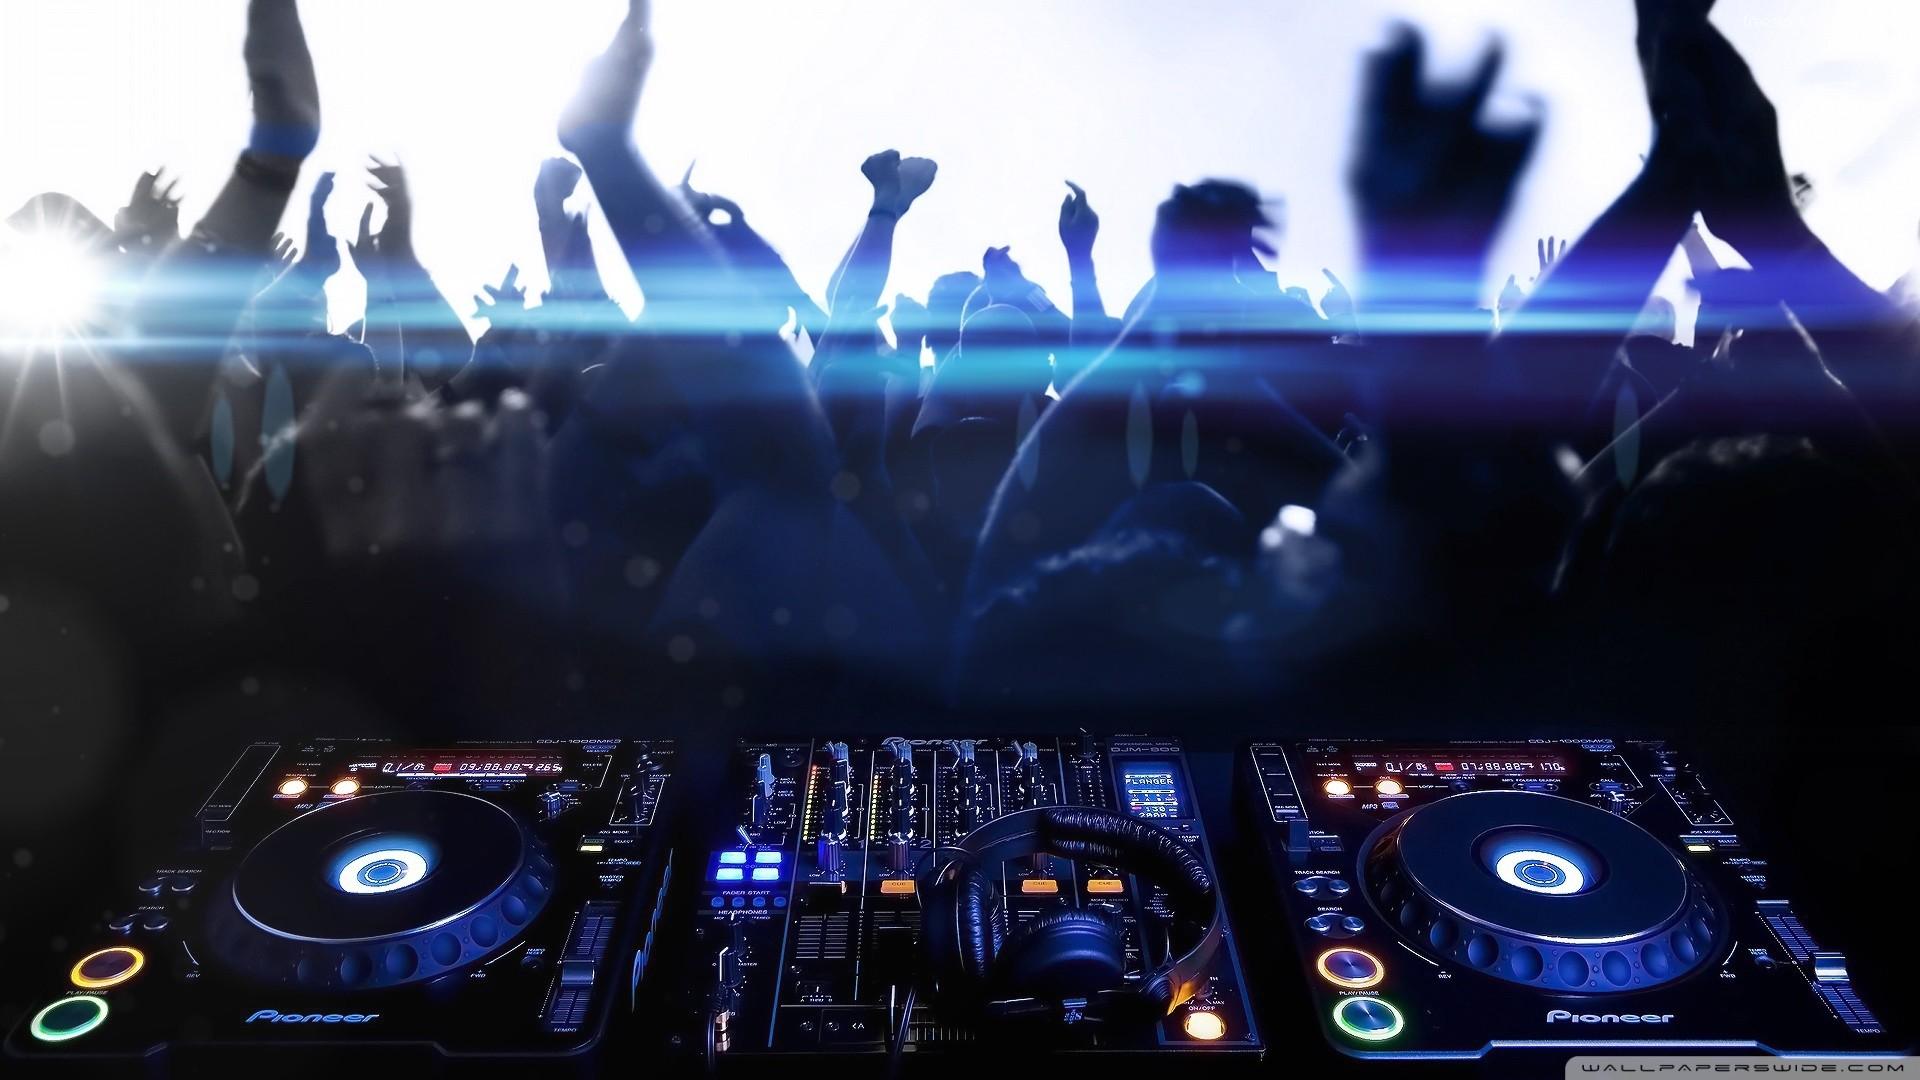 Download Pioneer DJ wallpaper 1920×1080